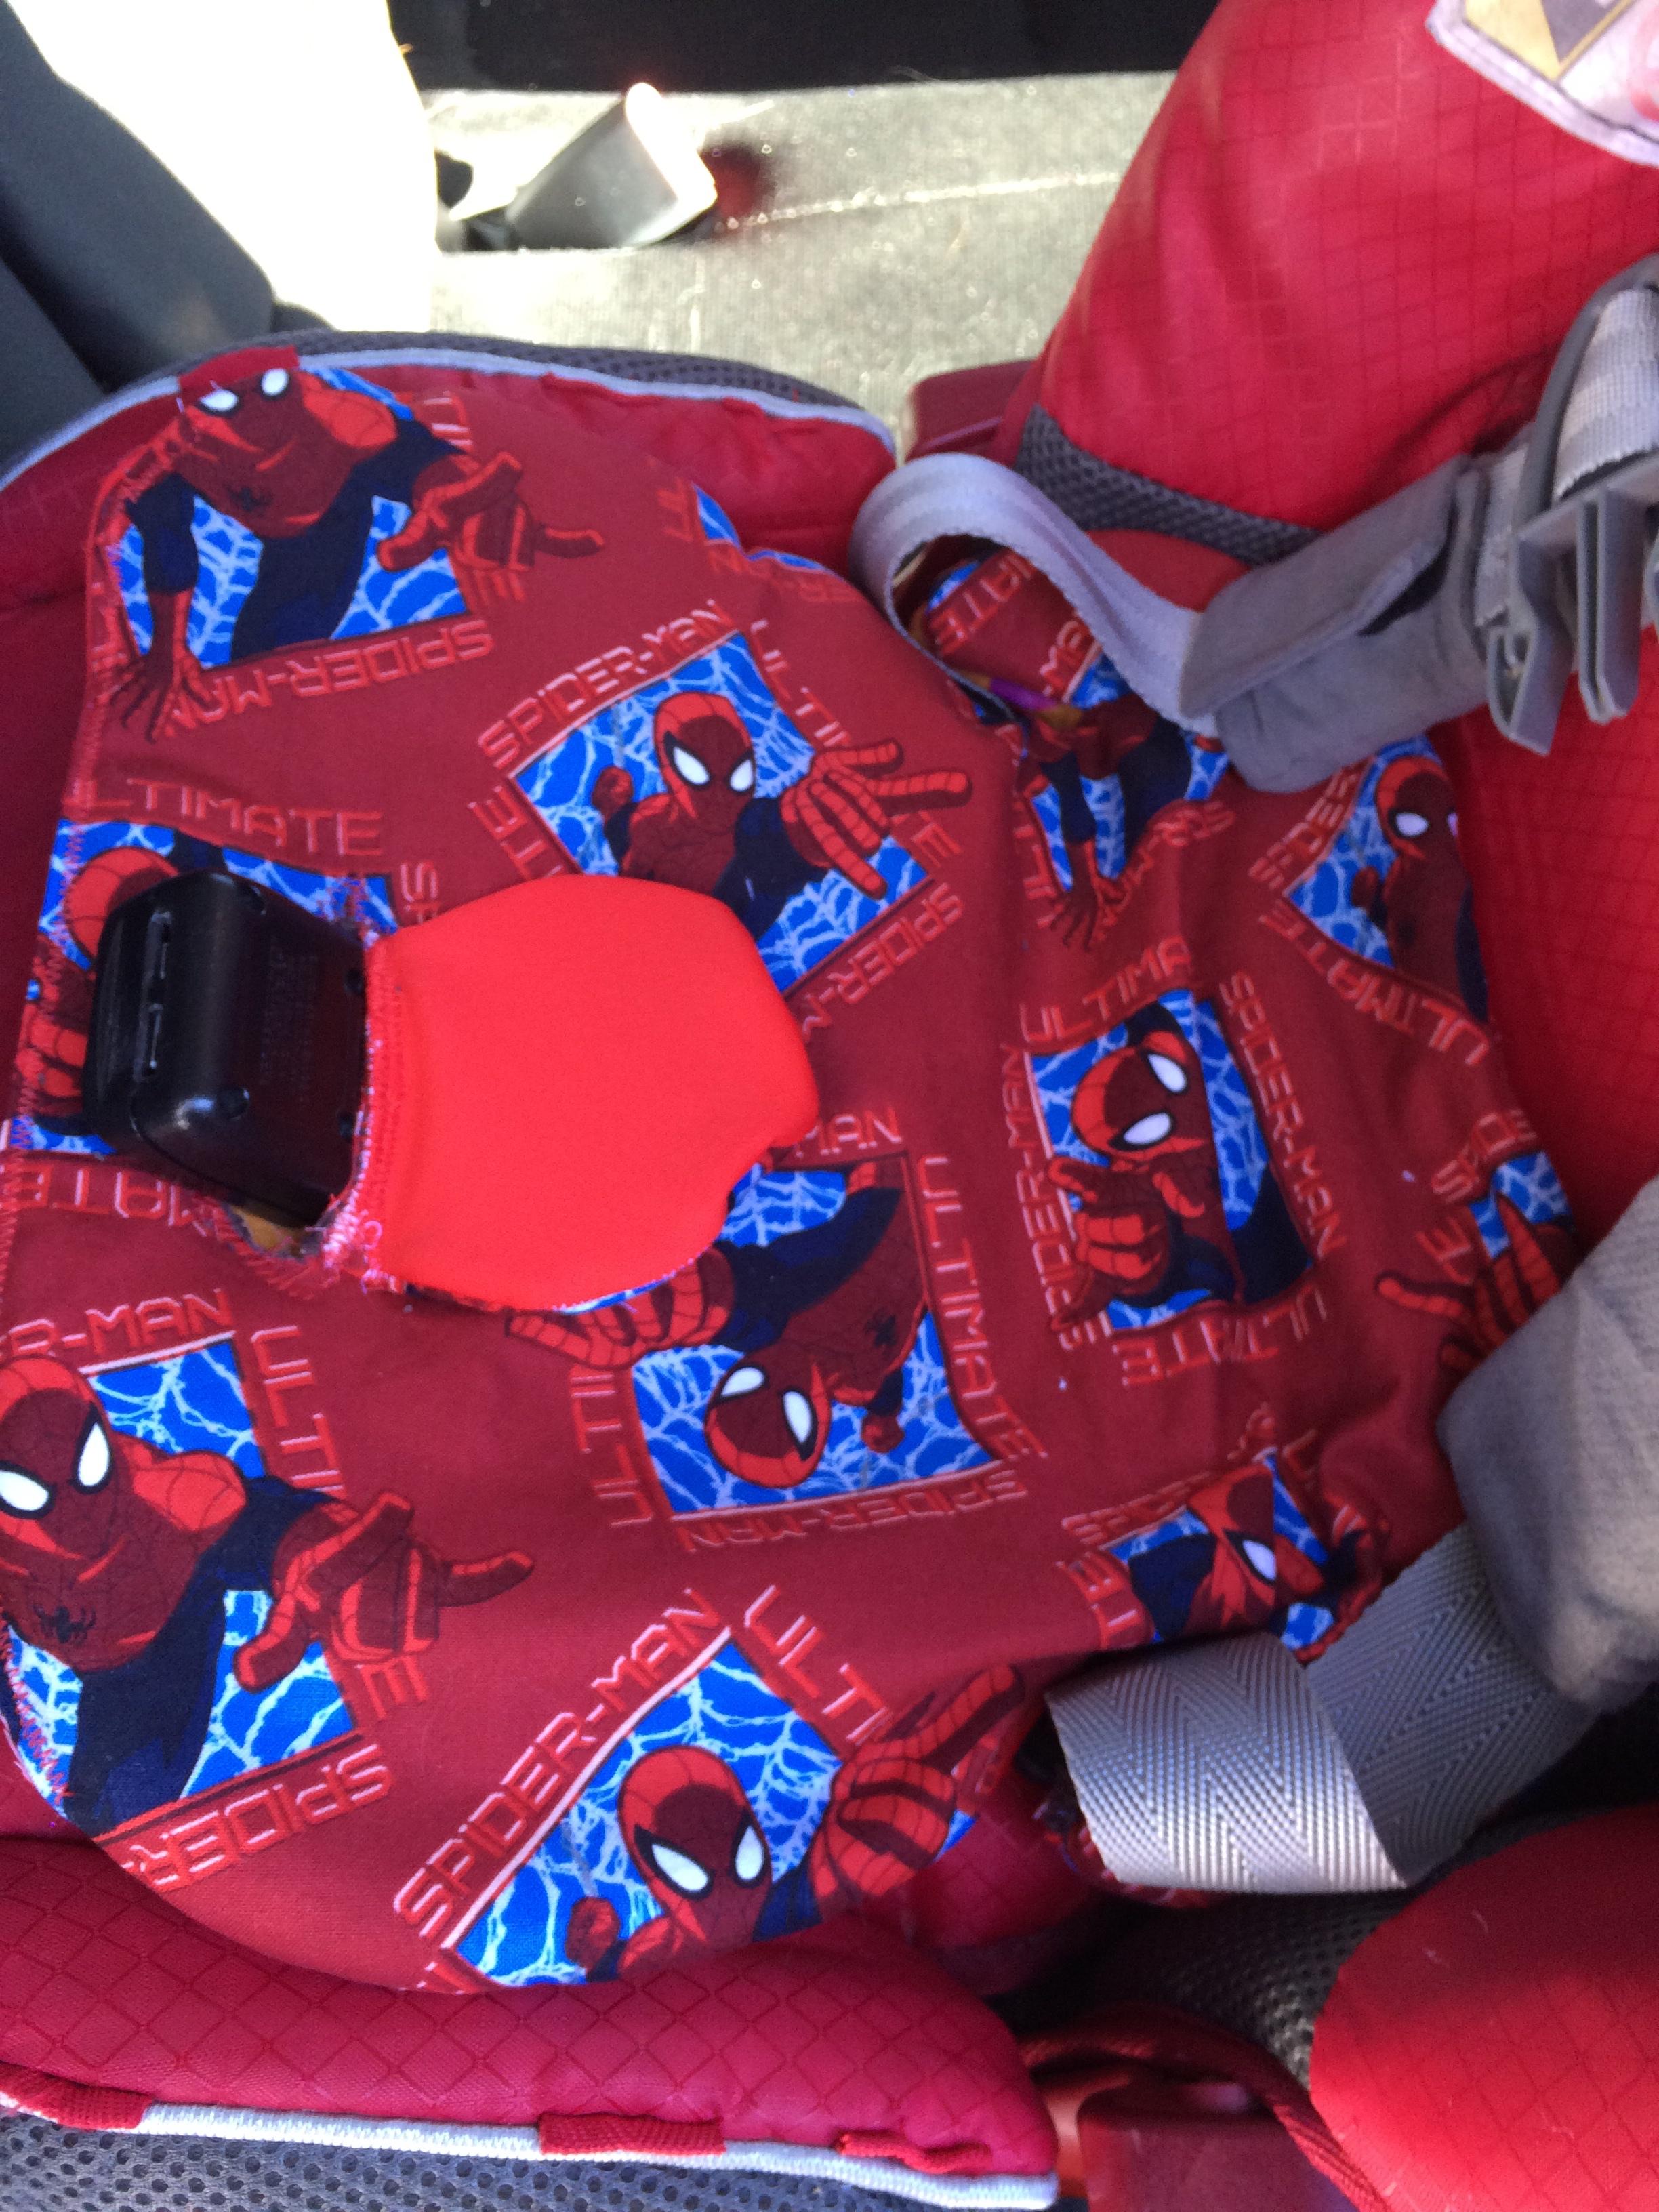 DIY pee pad for car seat